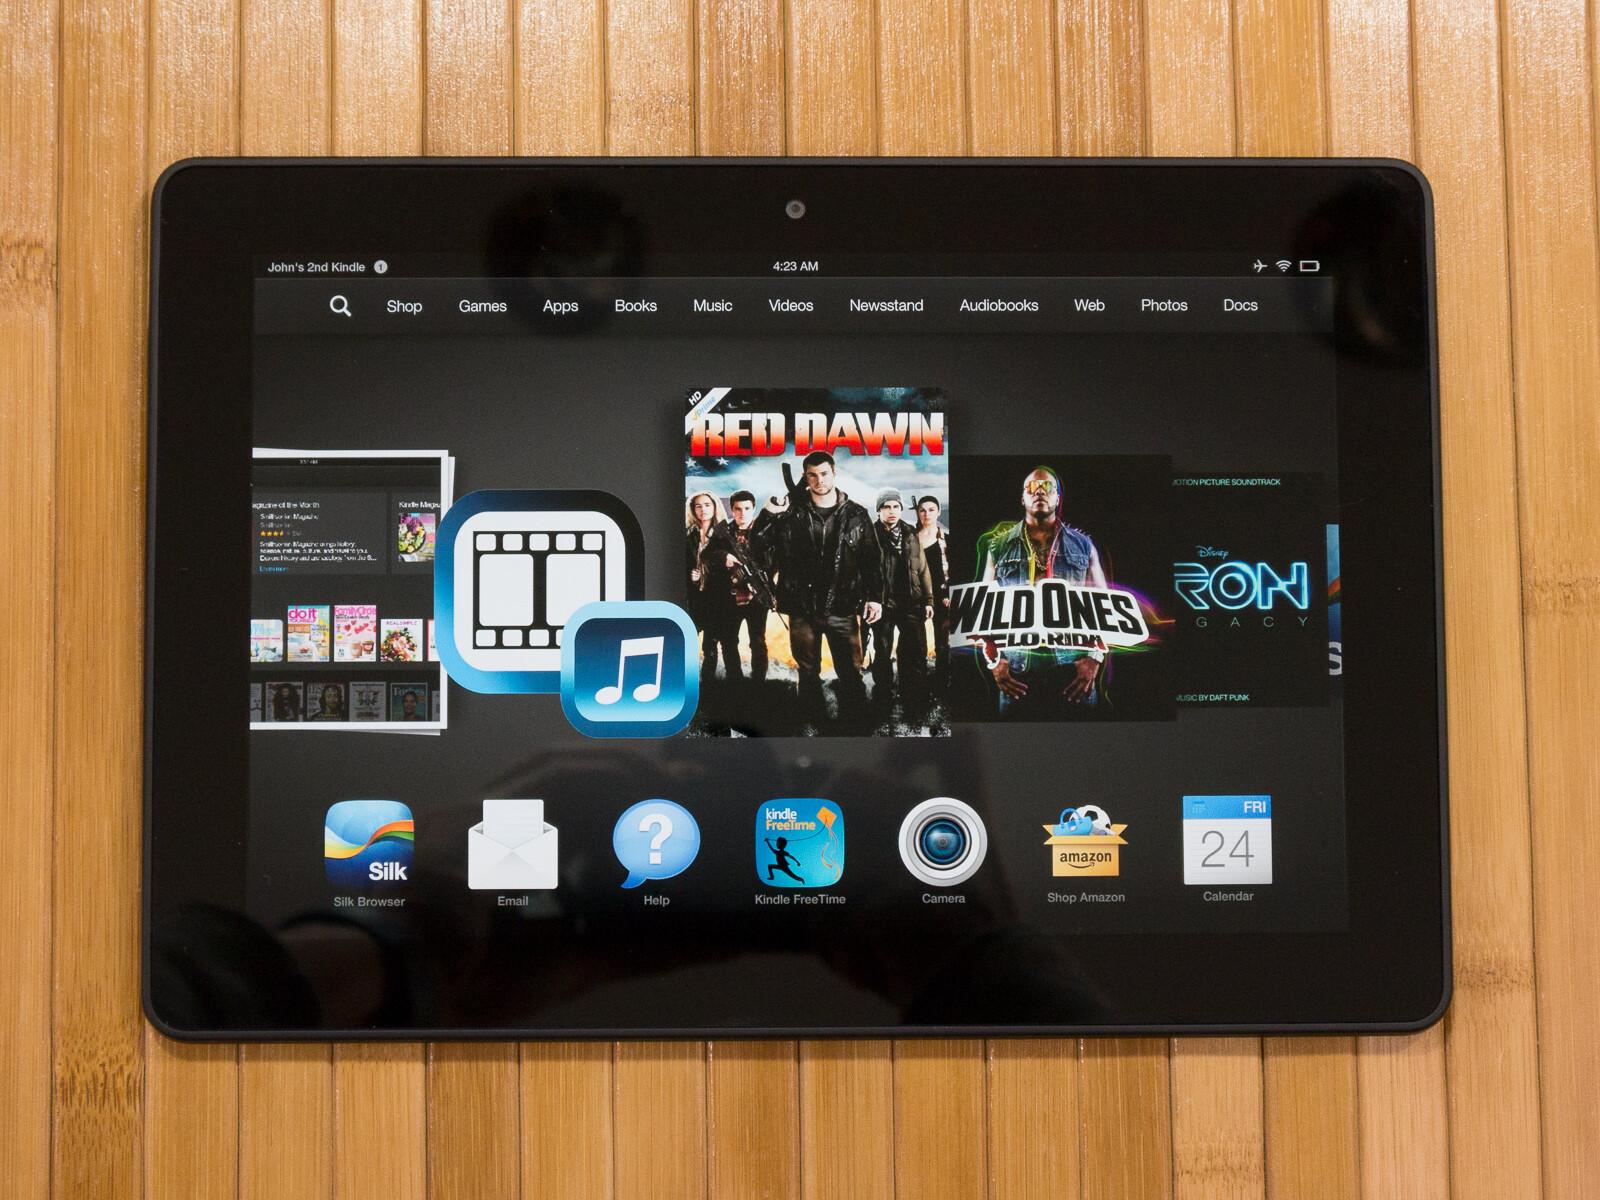 Amazon Kindle Fire HDX 8.9 specs